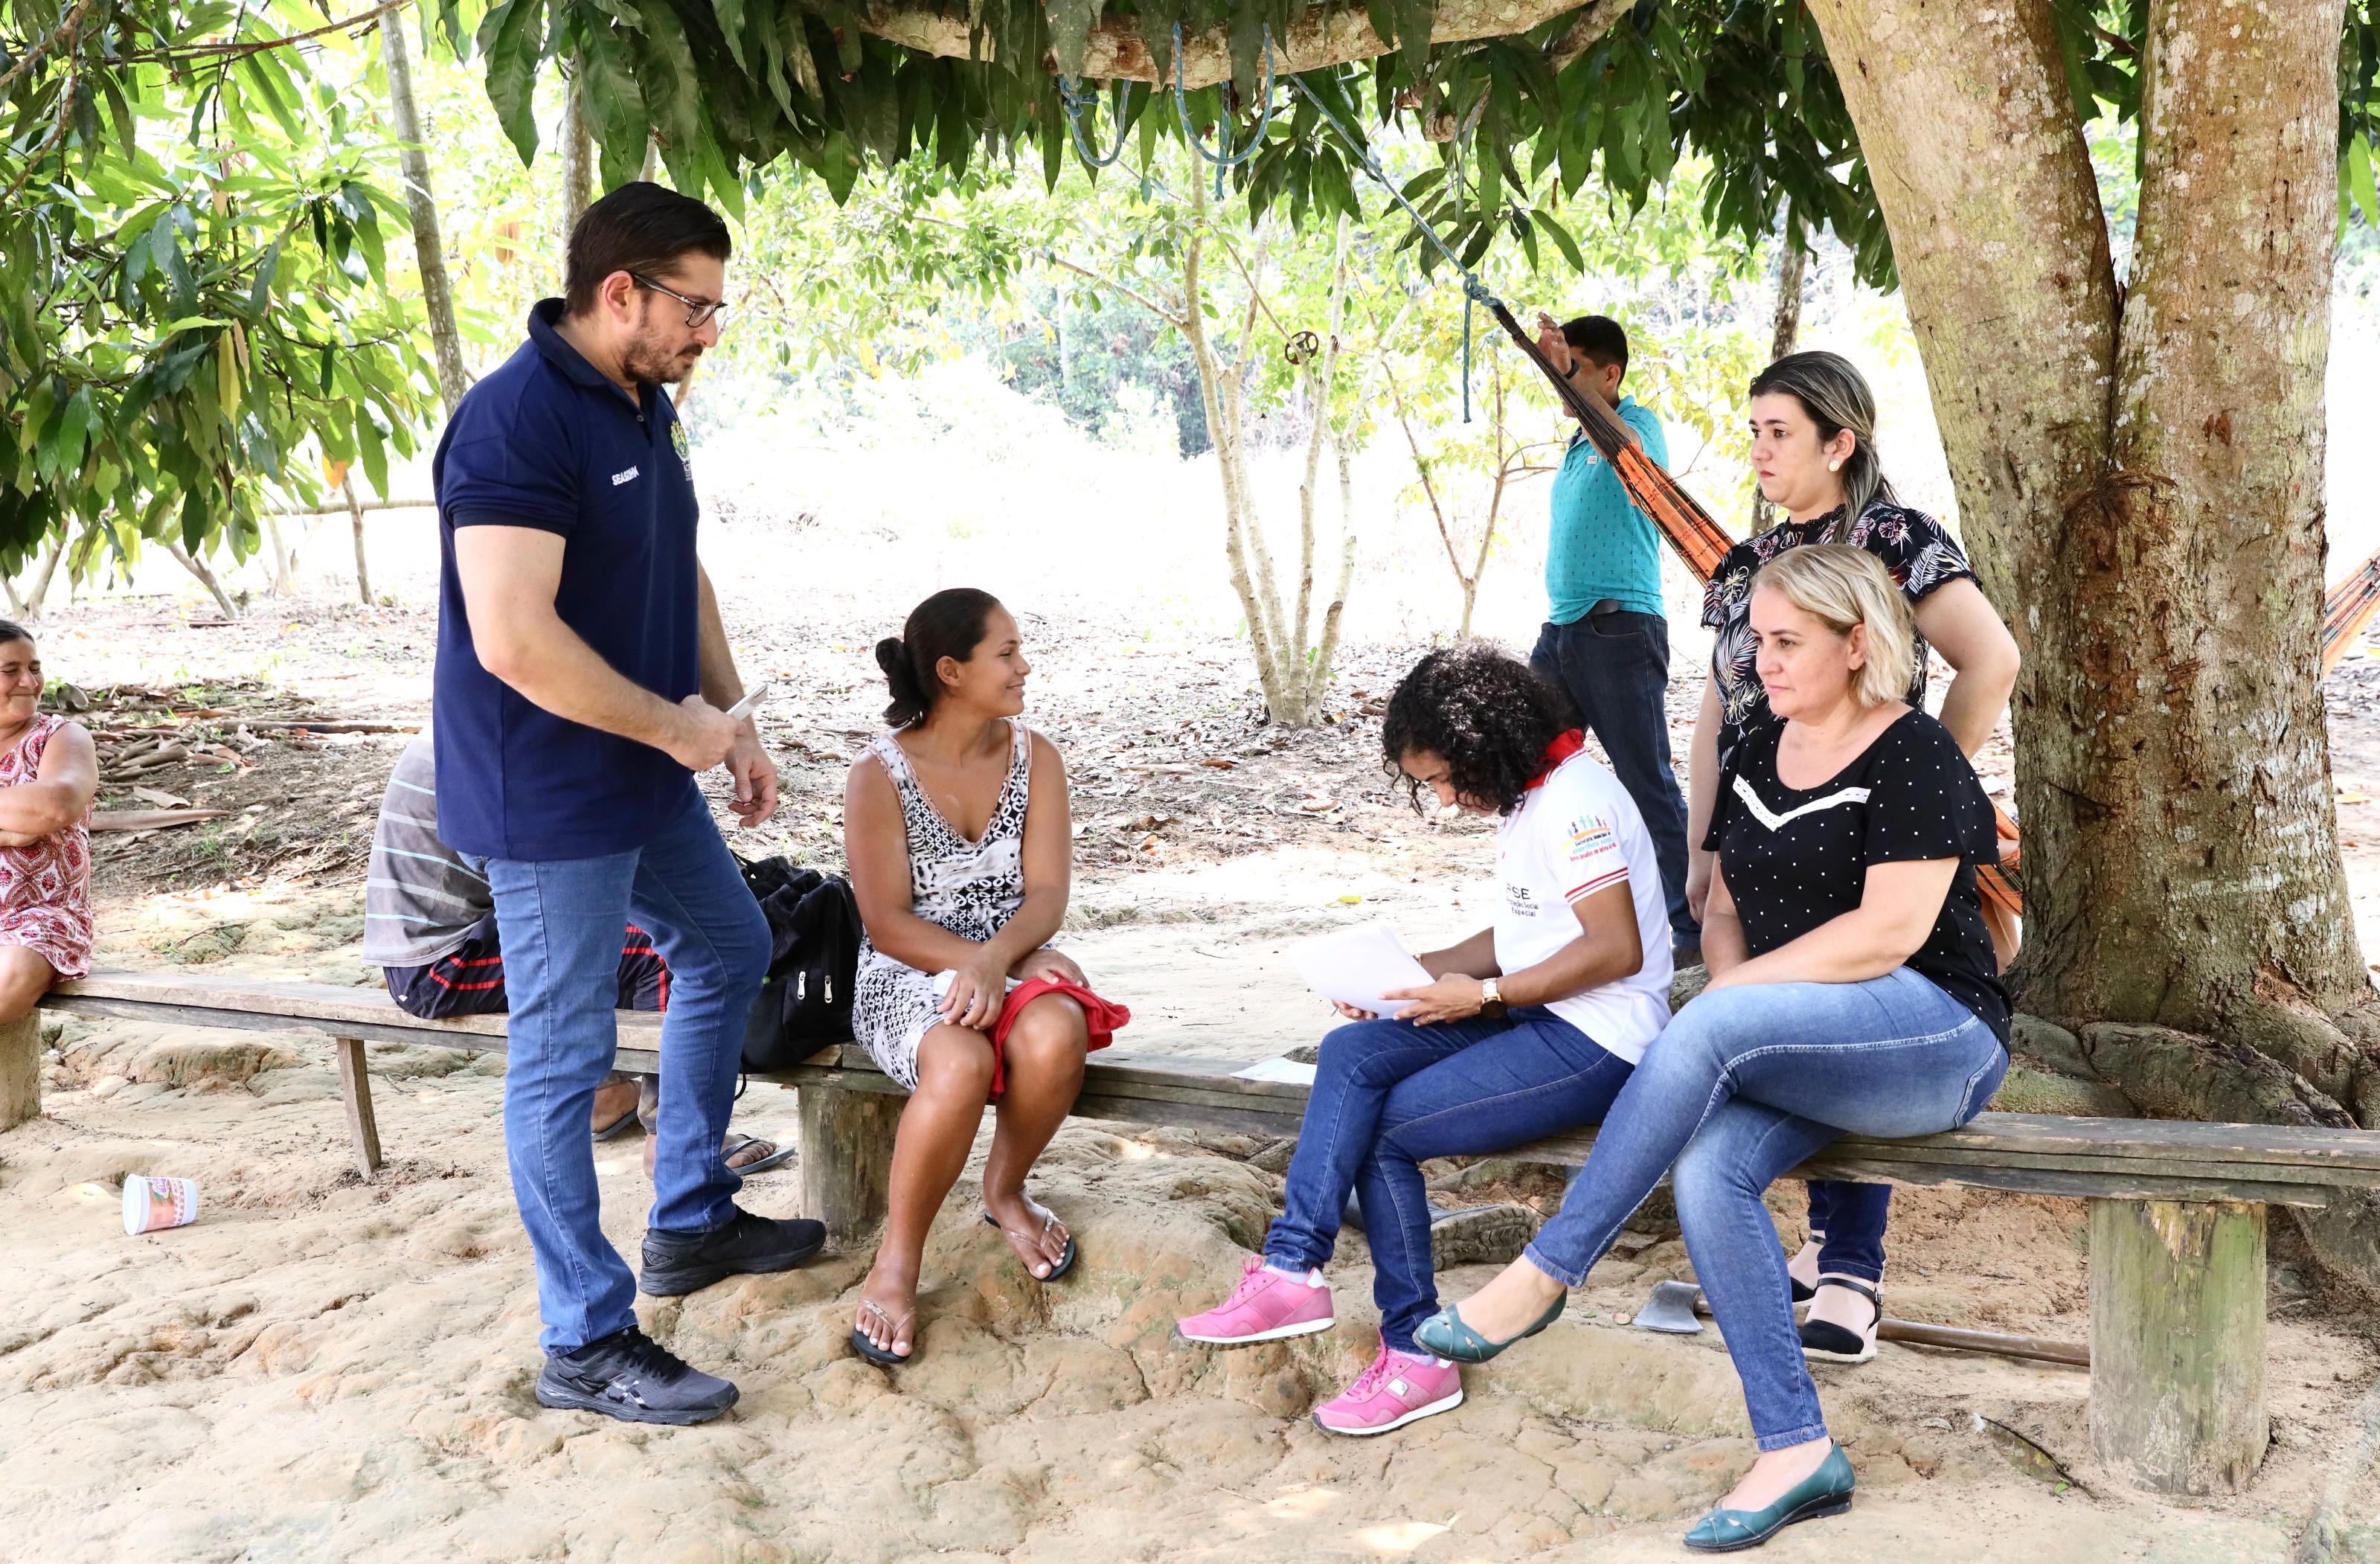 Secretaria de Assistência Social realiza monitoramento de incidência de trabalho infantil em Mâncio Lima